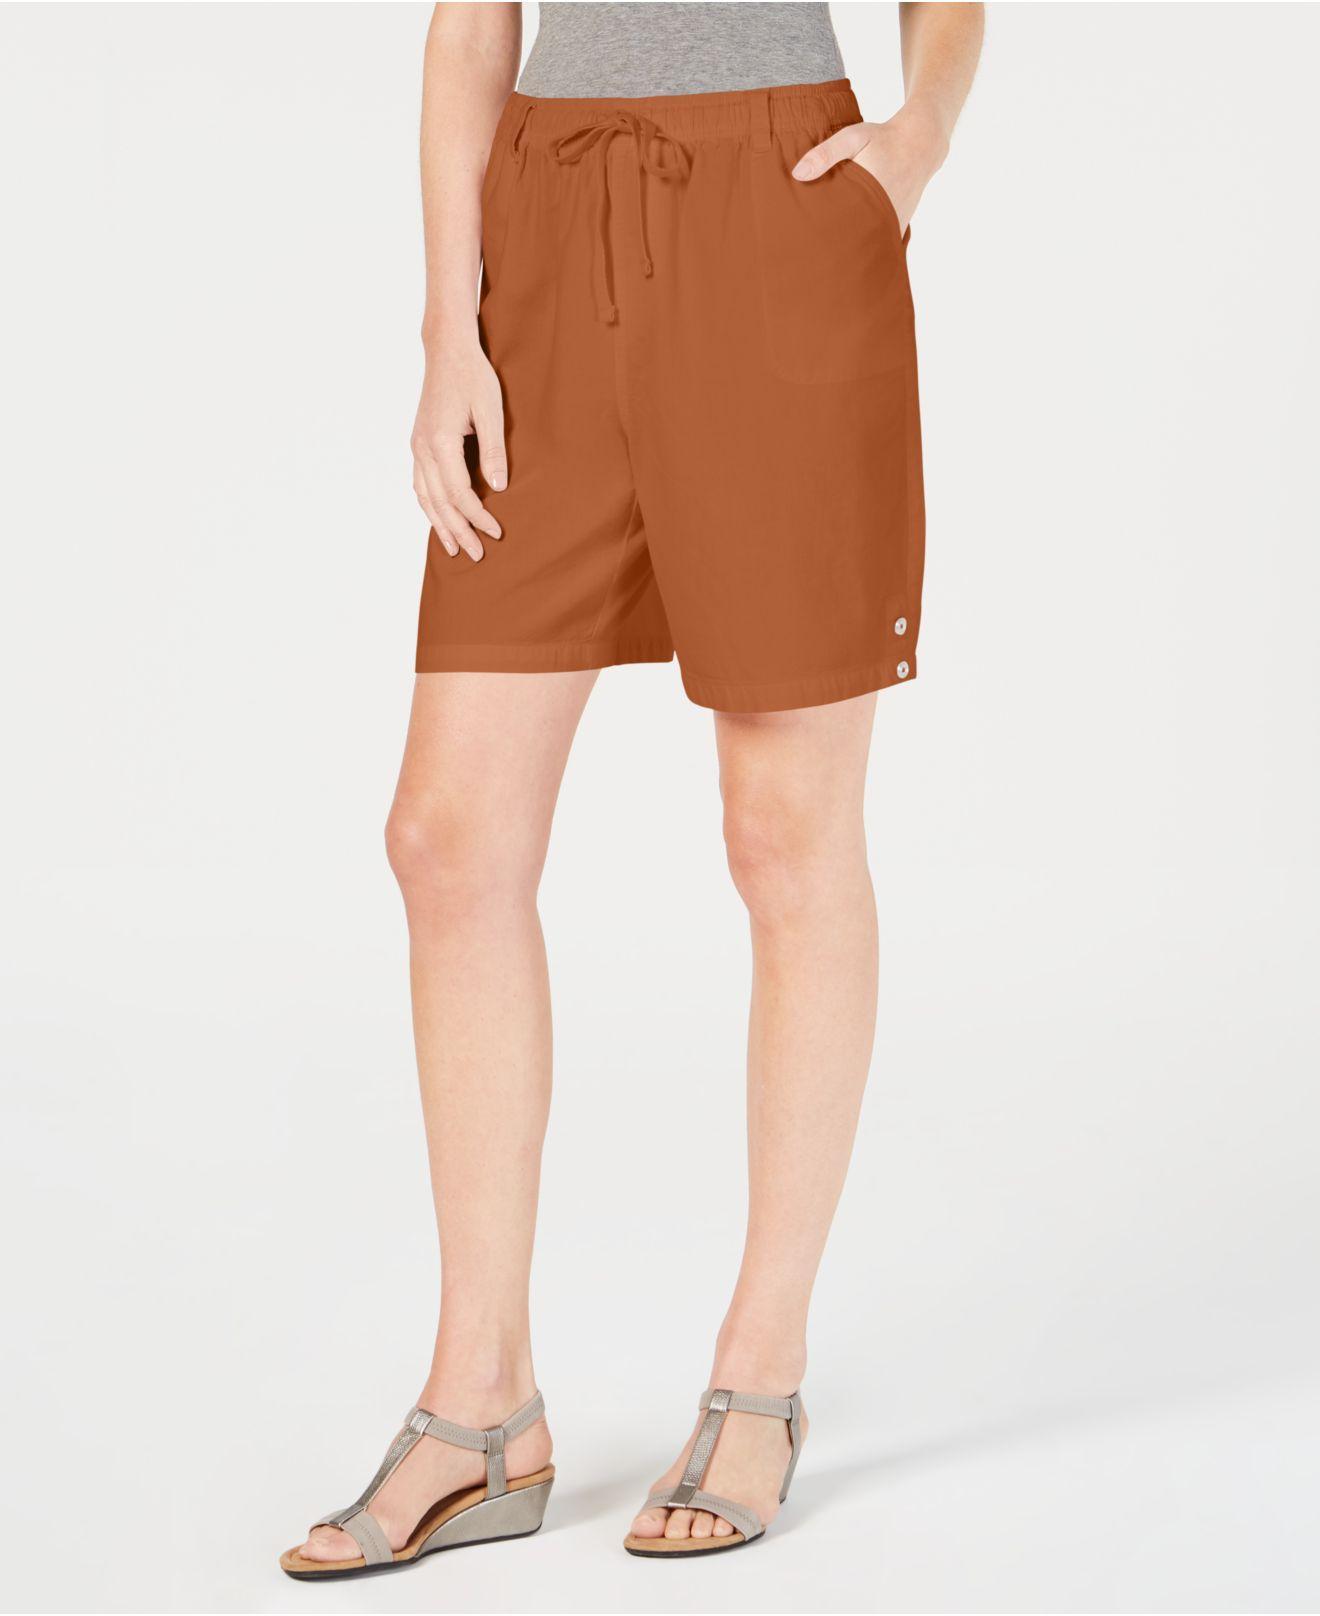 4d6100500ff Lyst - Karen Scott Cotton Drawstring Shorts